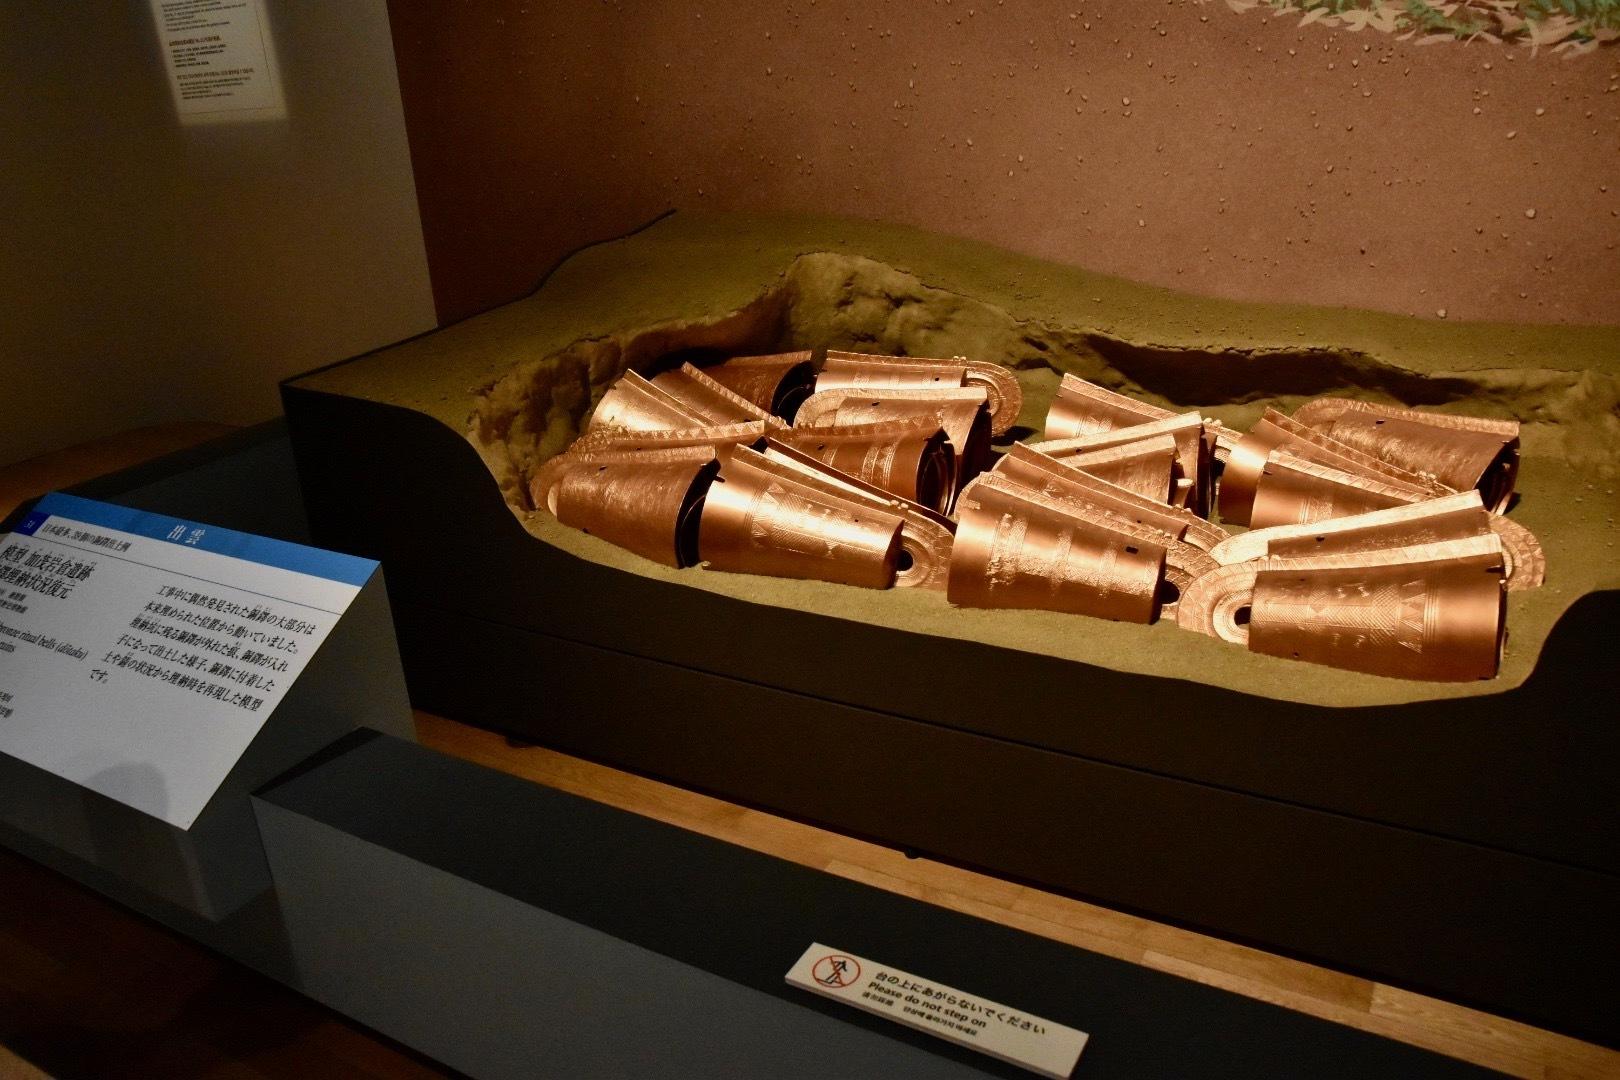 模型 加茂岩倉遺跡銅鐸埋納状況復元 令和元年(2019) 島根県立古代出雲歴史博物館